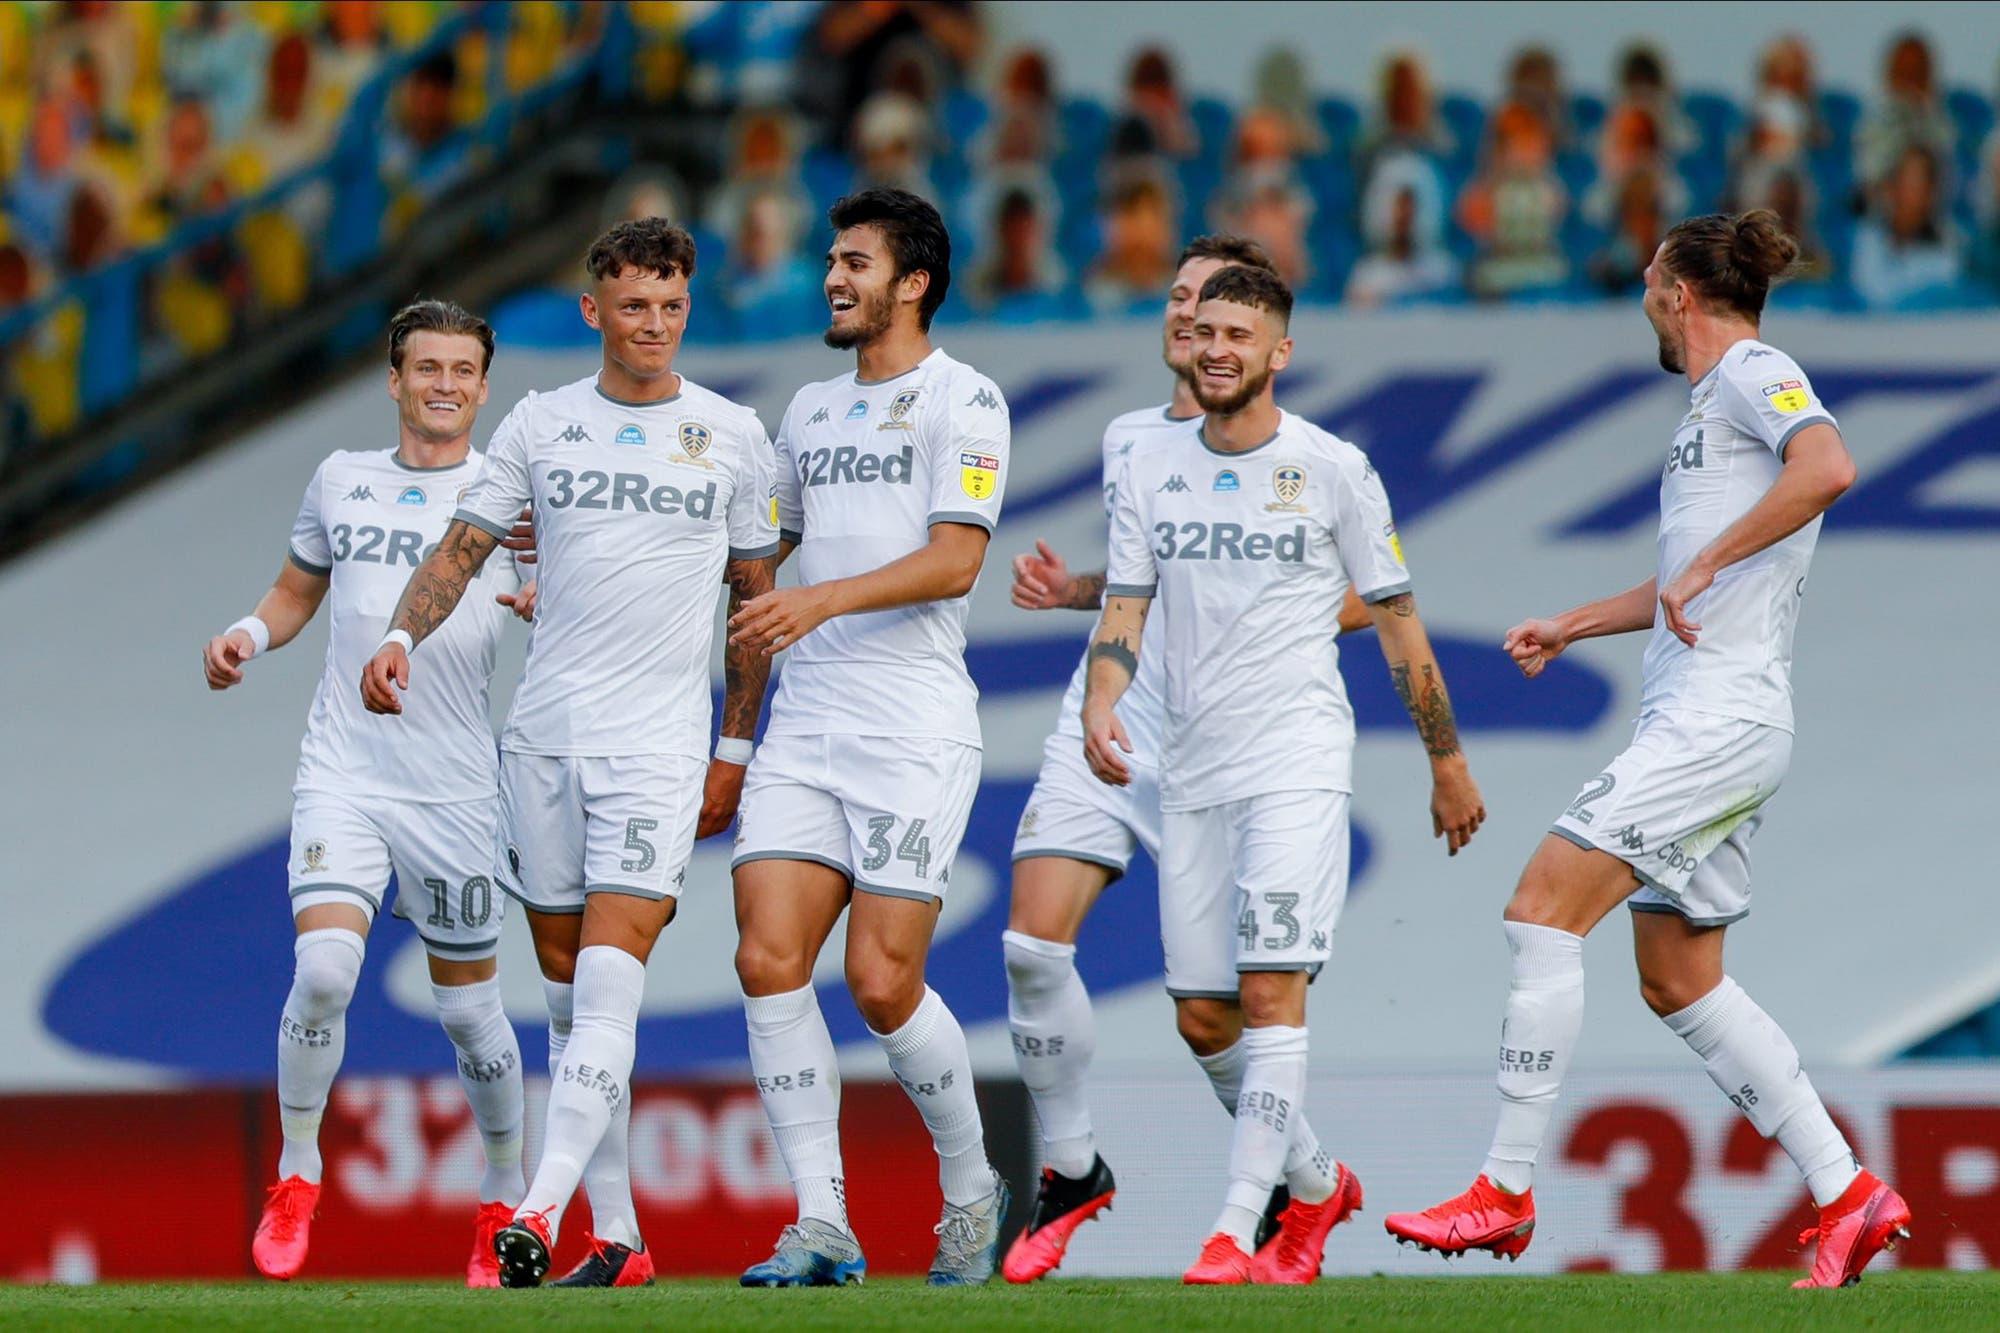 Leeds United-Charlton, por la Championship: el equipo de Marcelo Bielsa se despidió con una goleada y ahora lo espera la Premier League